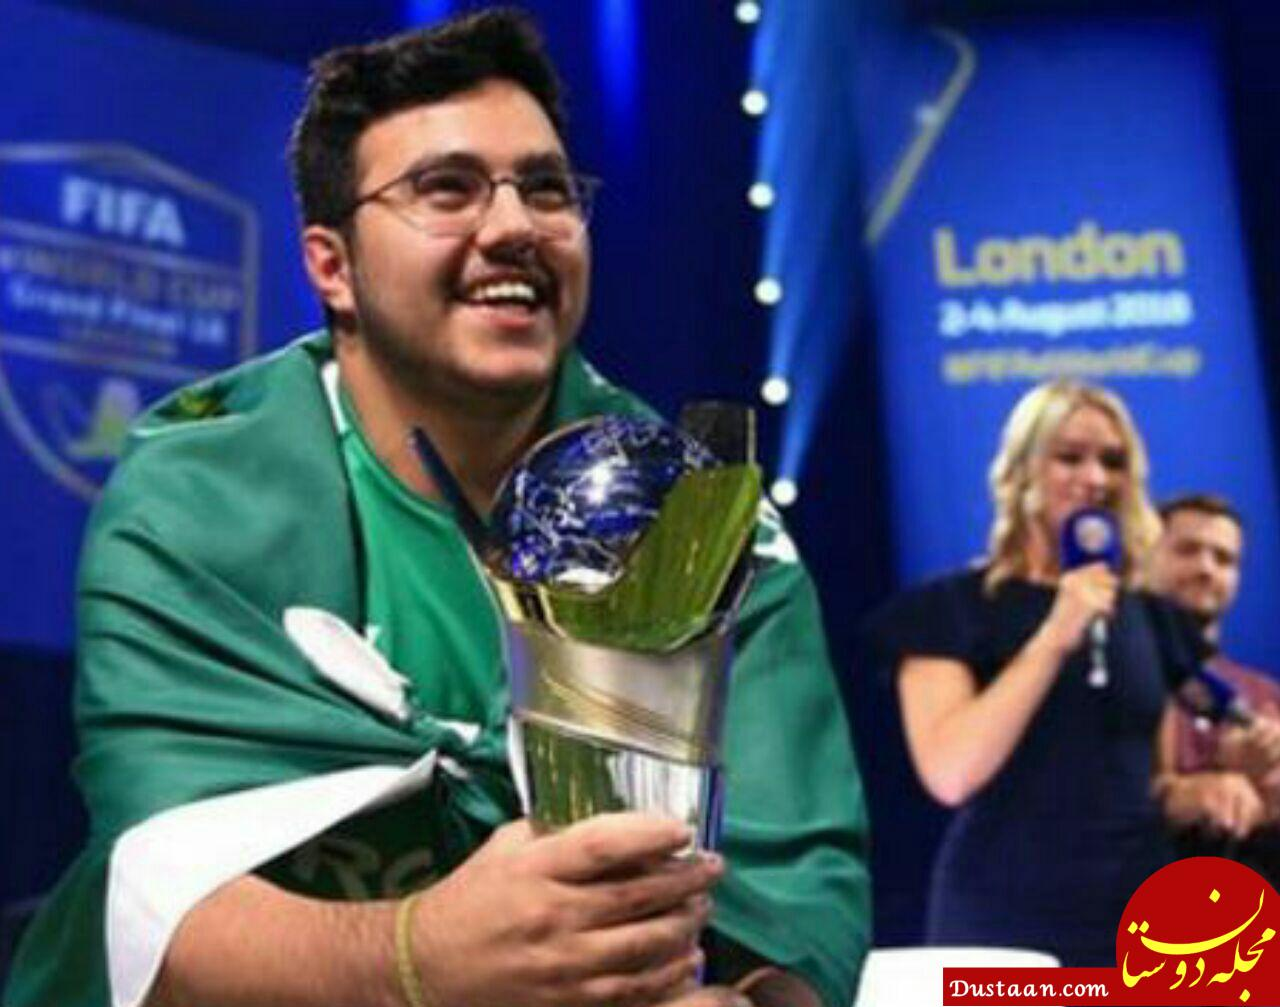 www.dustaan.com جایزه 250 هزار دلاری برای قهرمانی در بازی کامپیوتری!